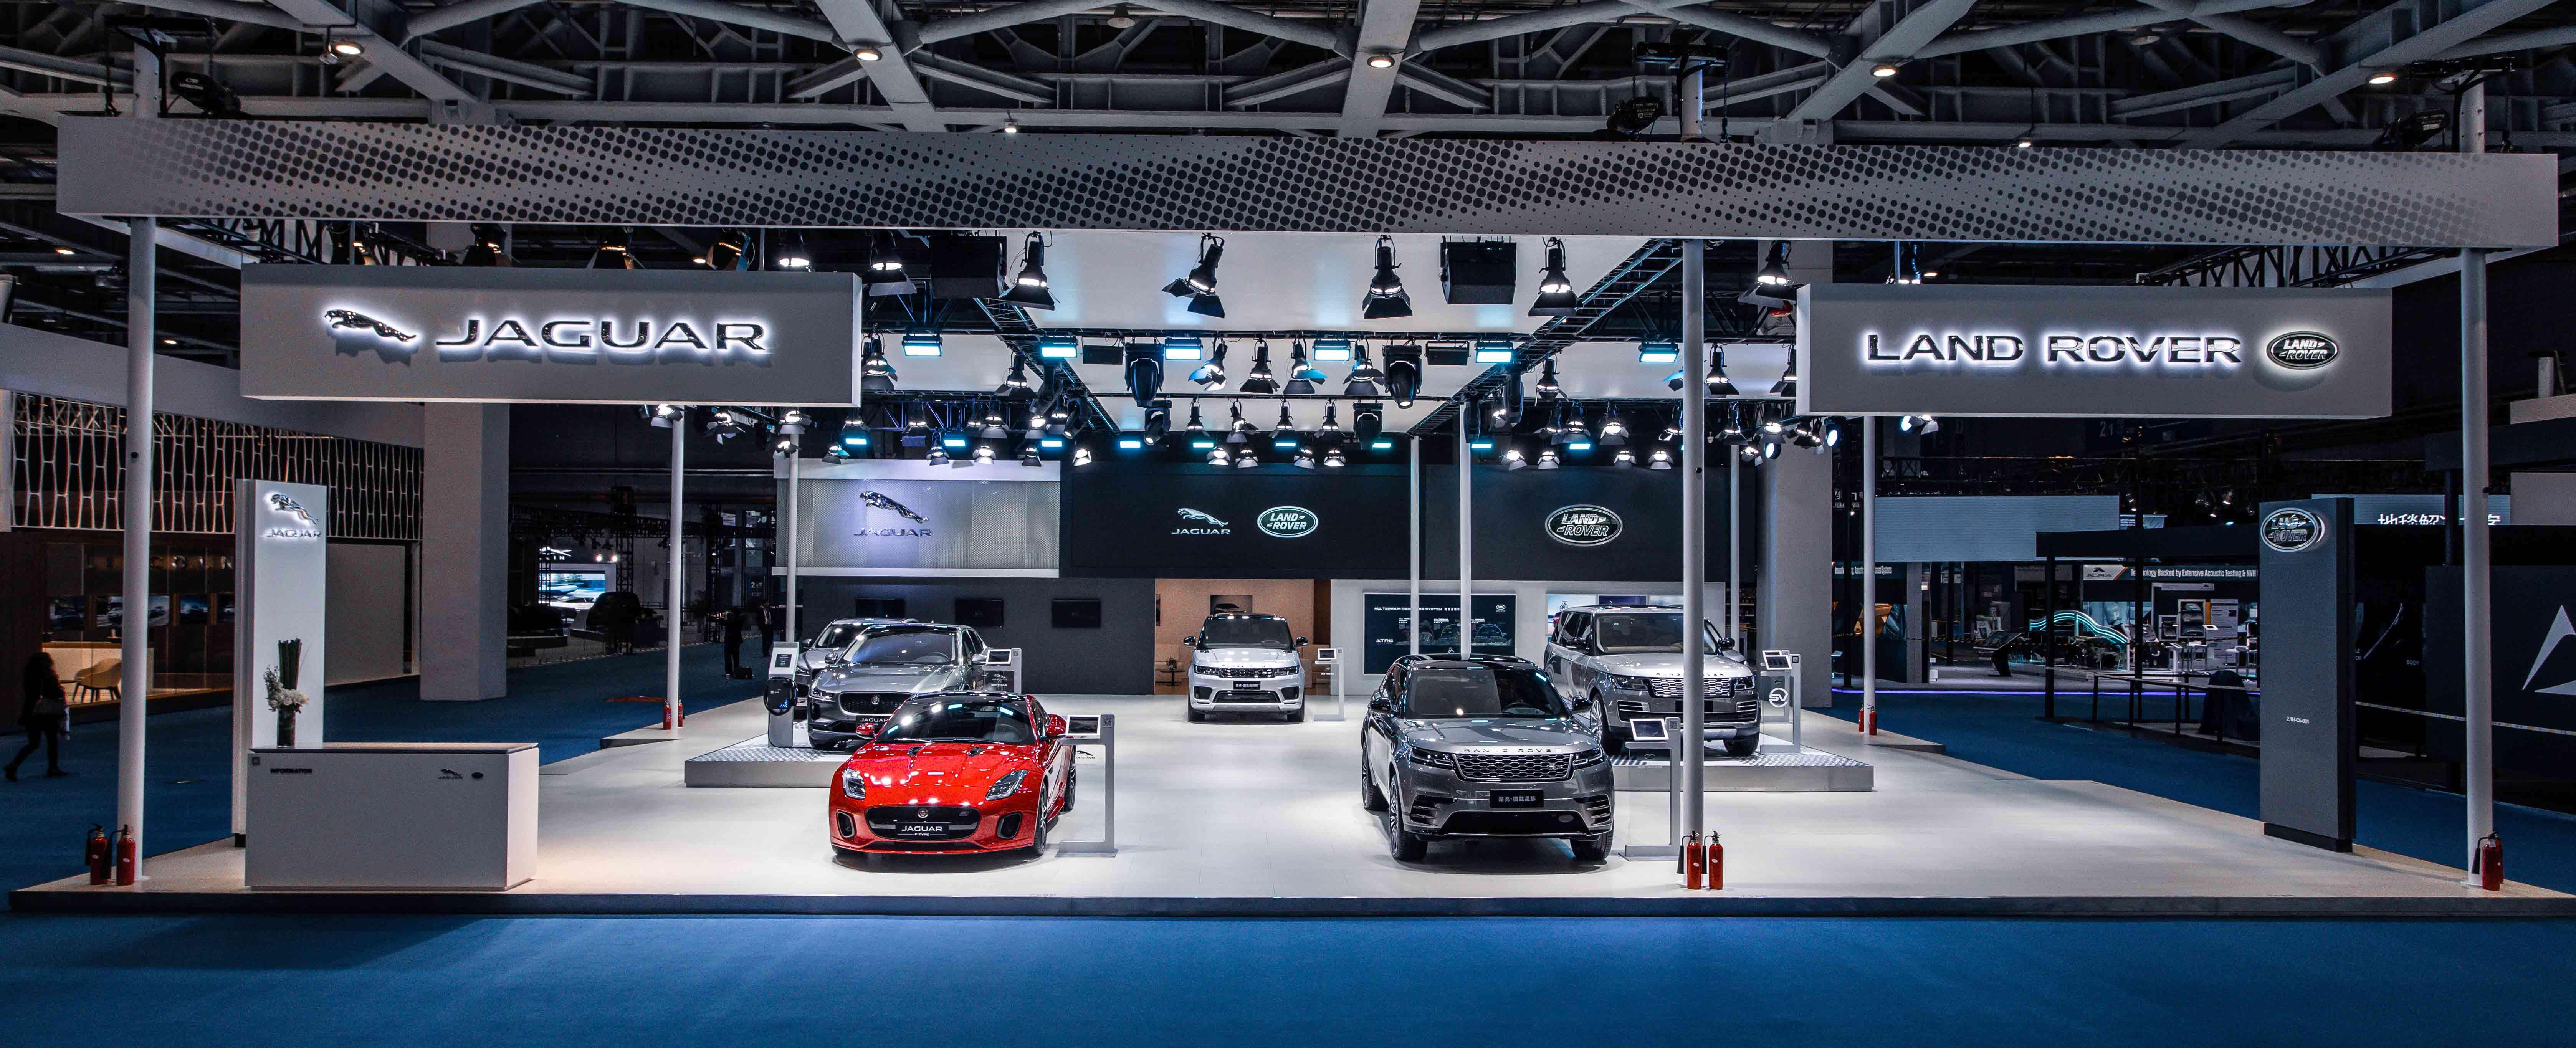 捷豹路虎携七款全进口车型亮相第二届中国国际进口博览会